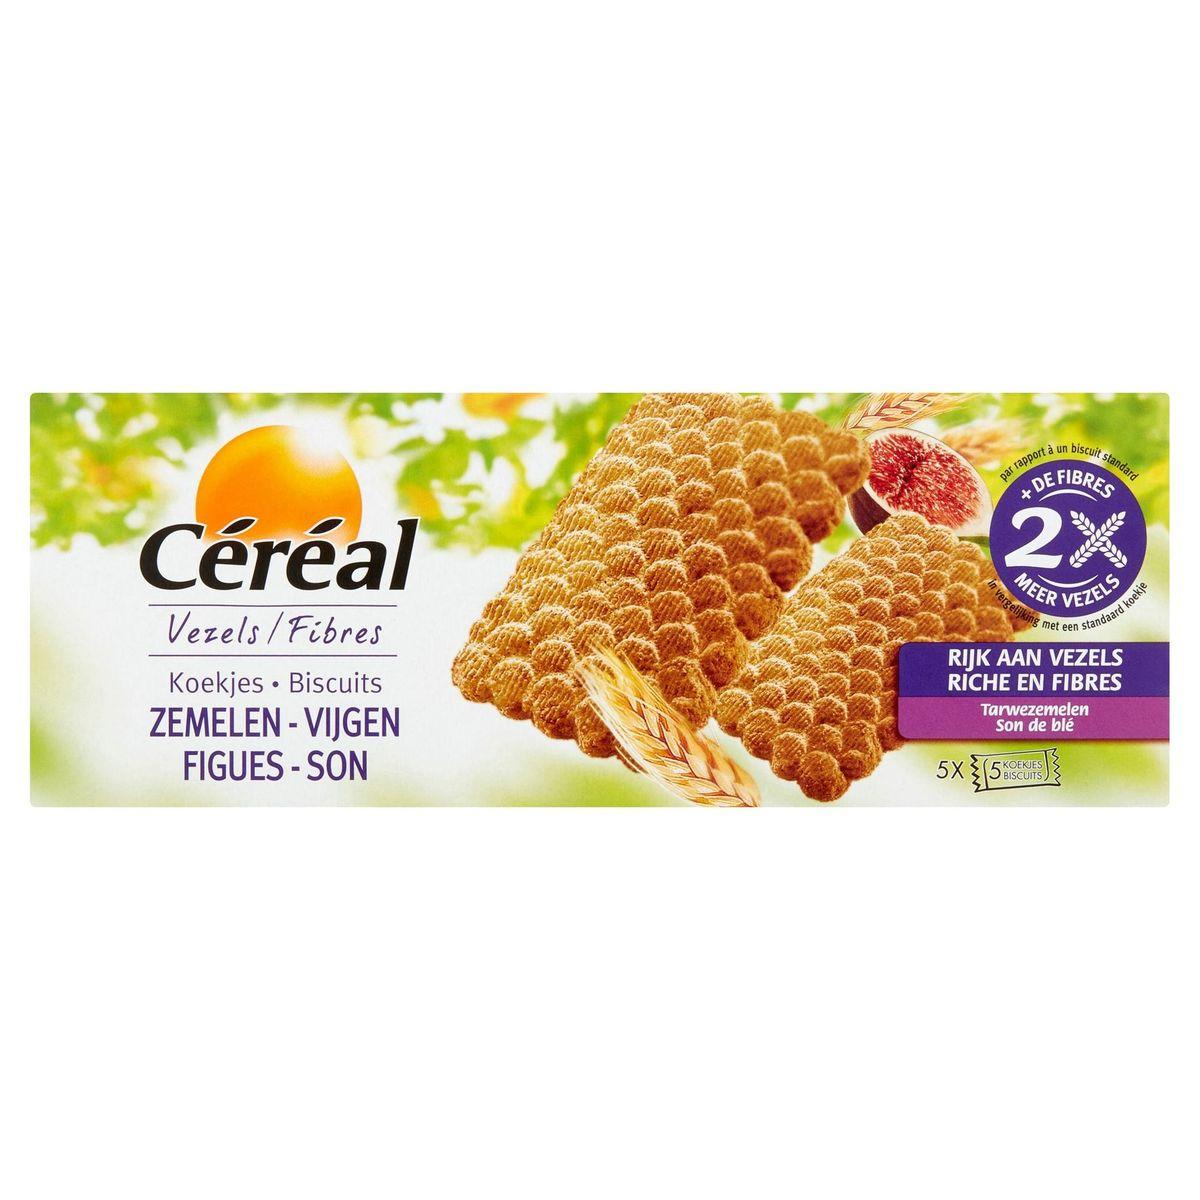 Céréal Vezels Koekjes Zemelen-Vijgen 5 x 5 Stuks 210 g